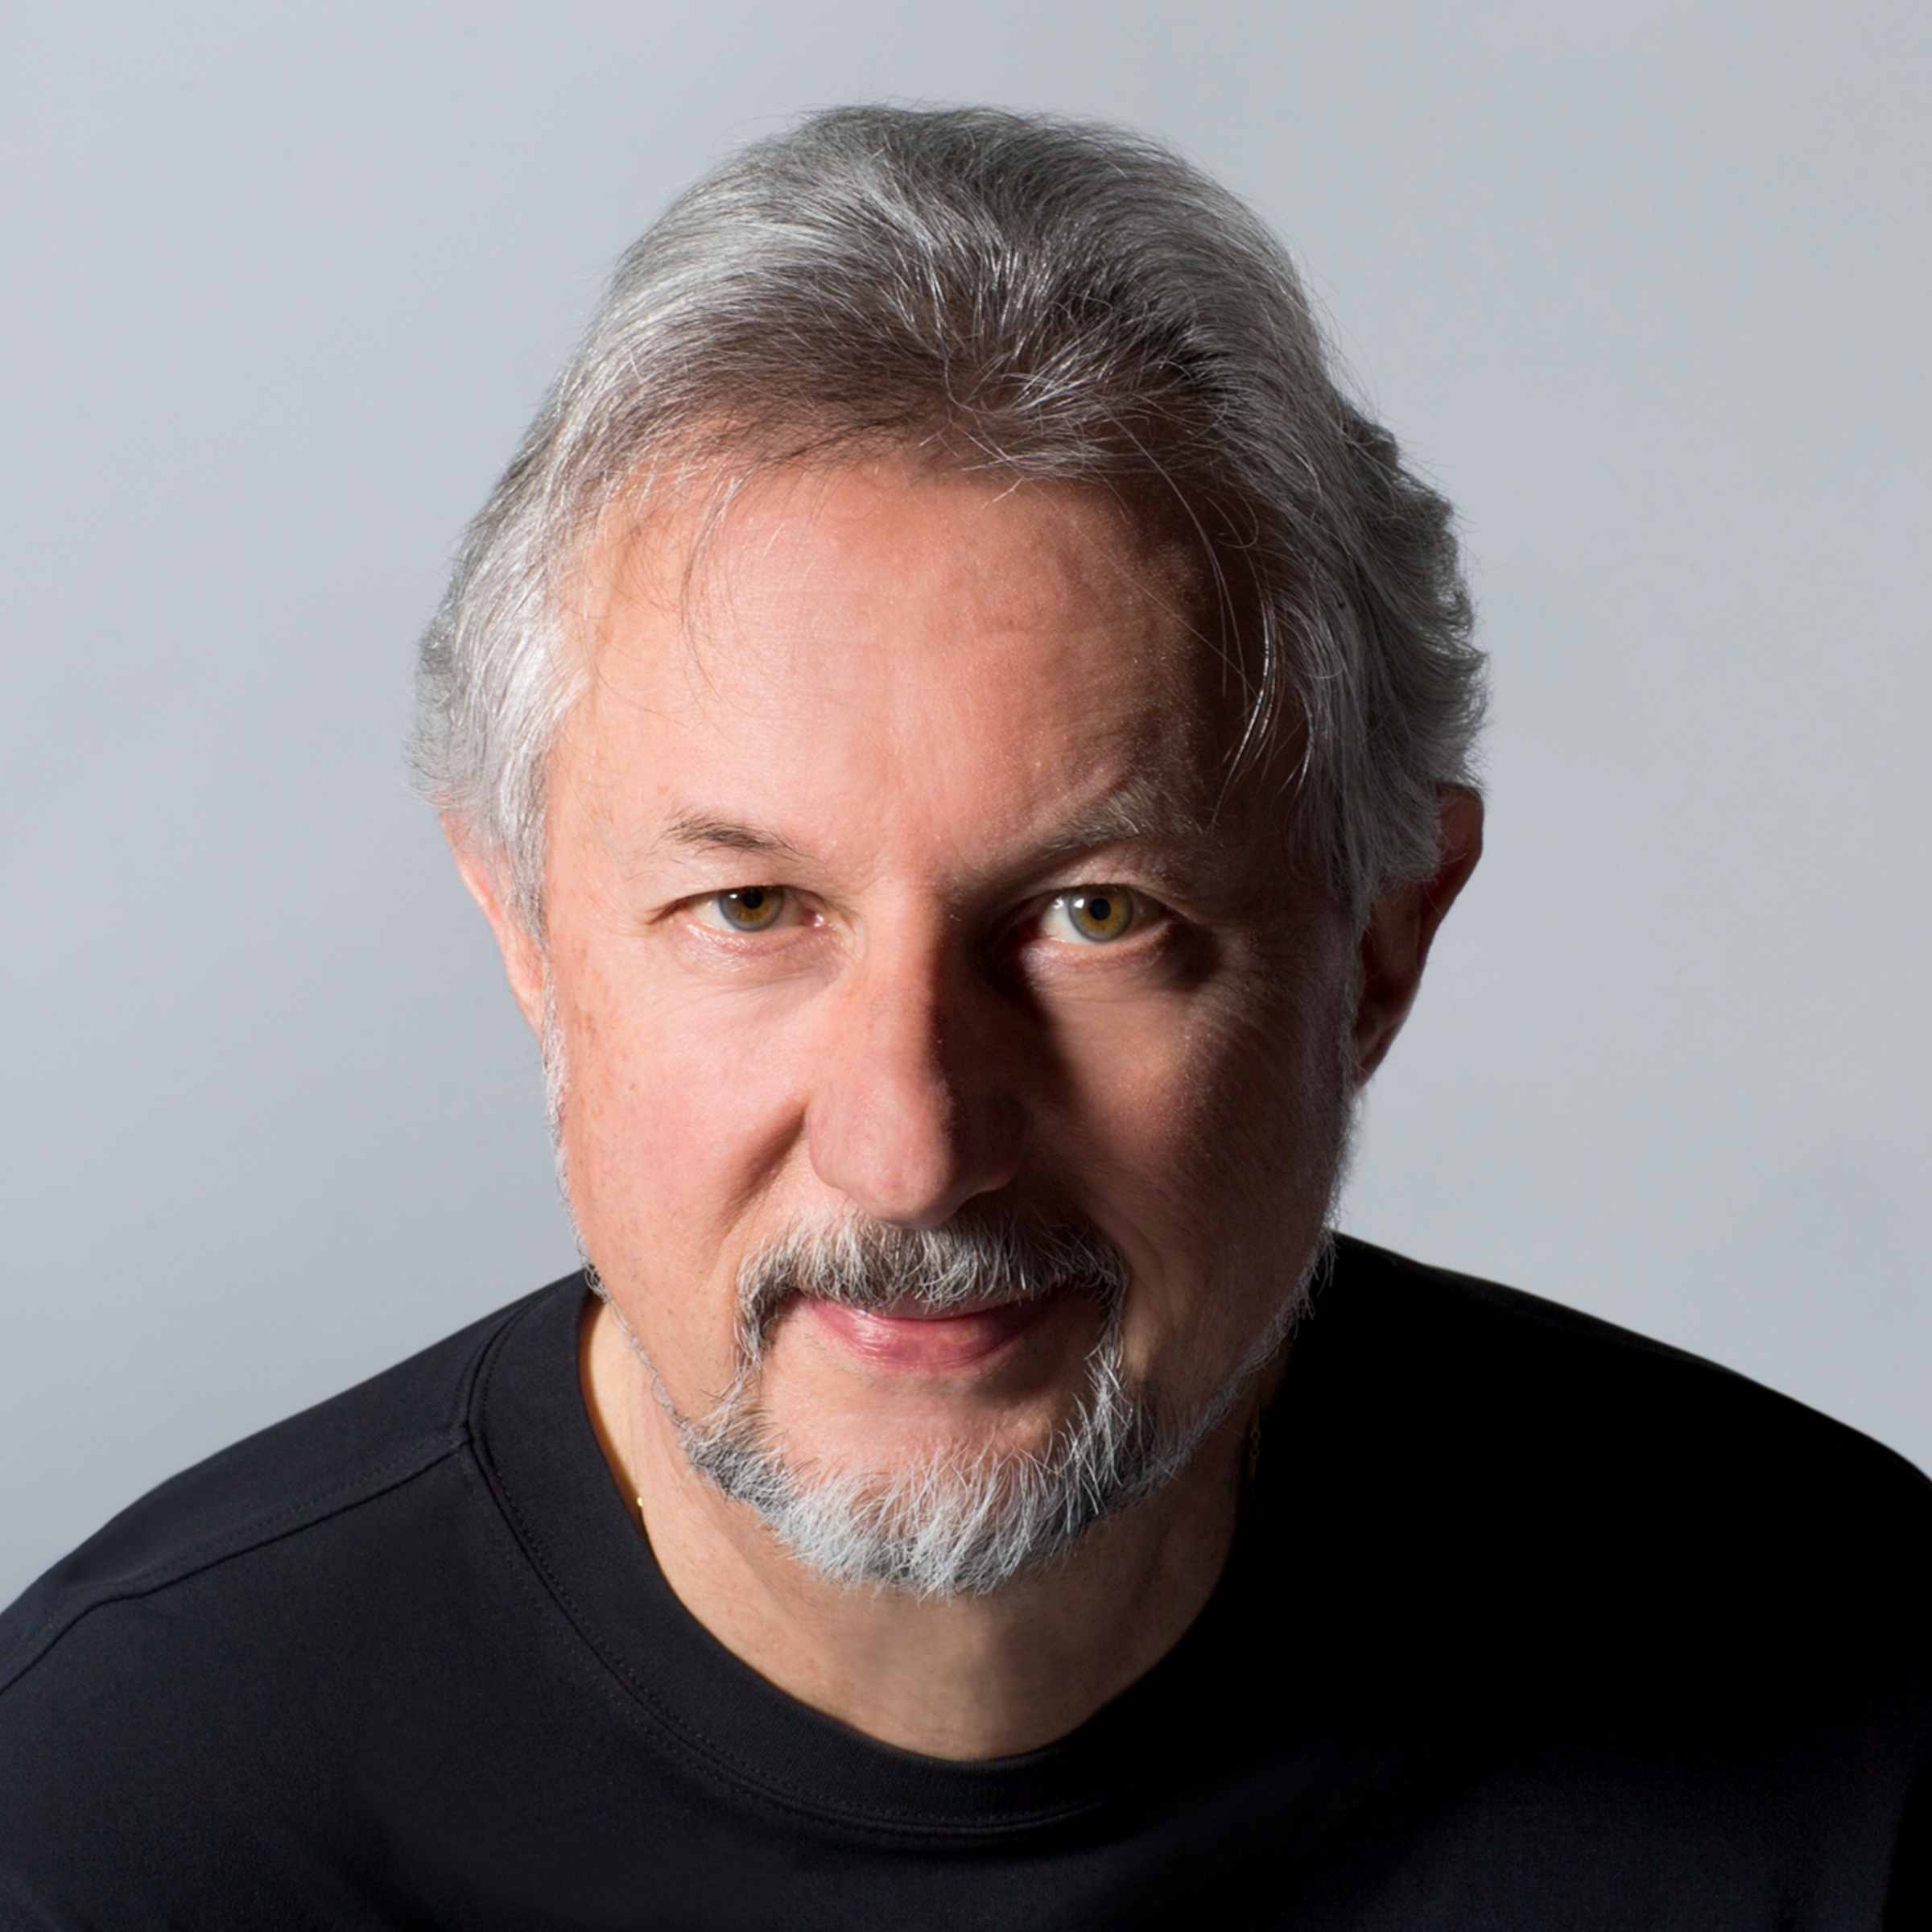 Jean-Claude Monney